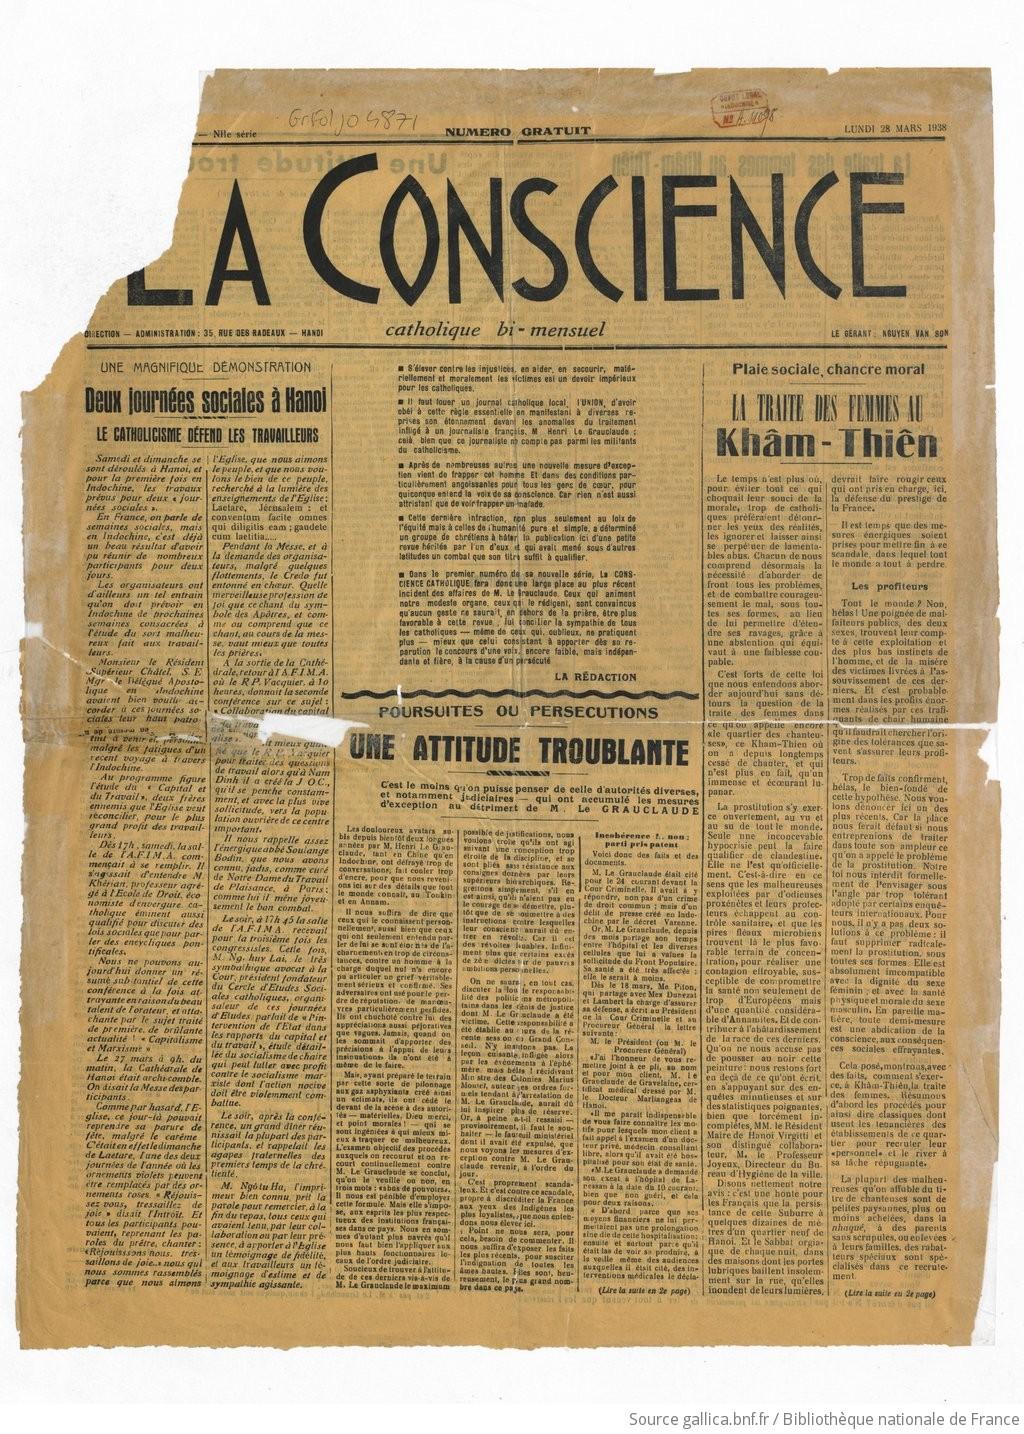 La Conscience. Catholique bi-mensuel   1938